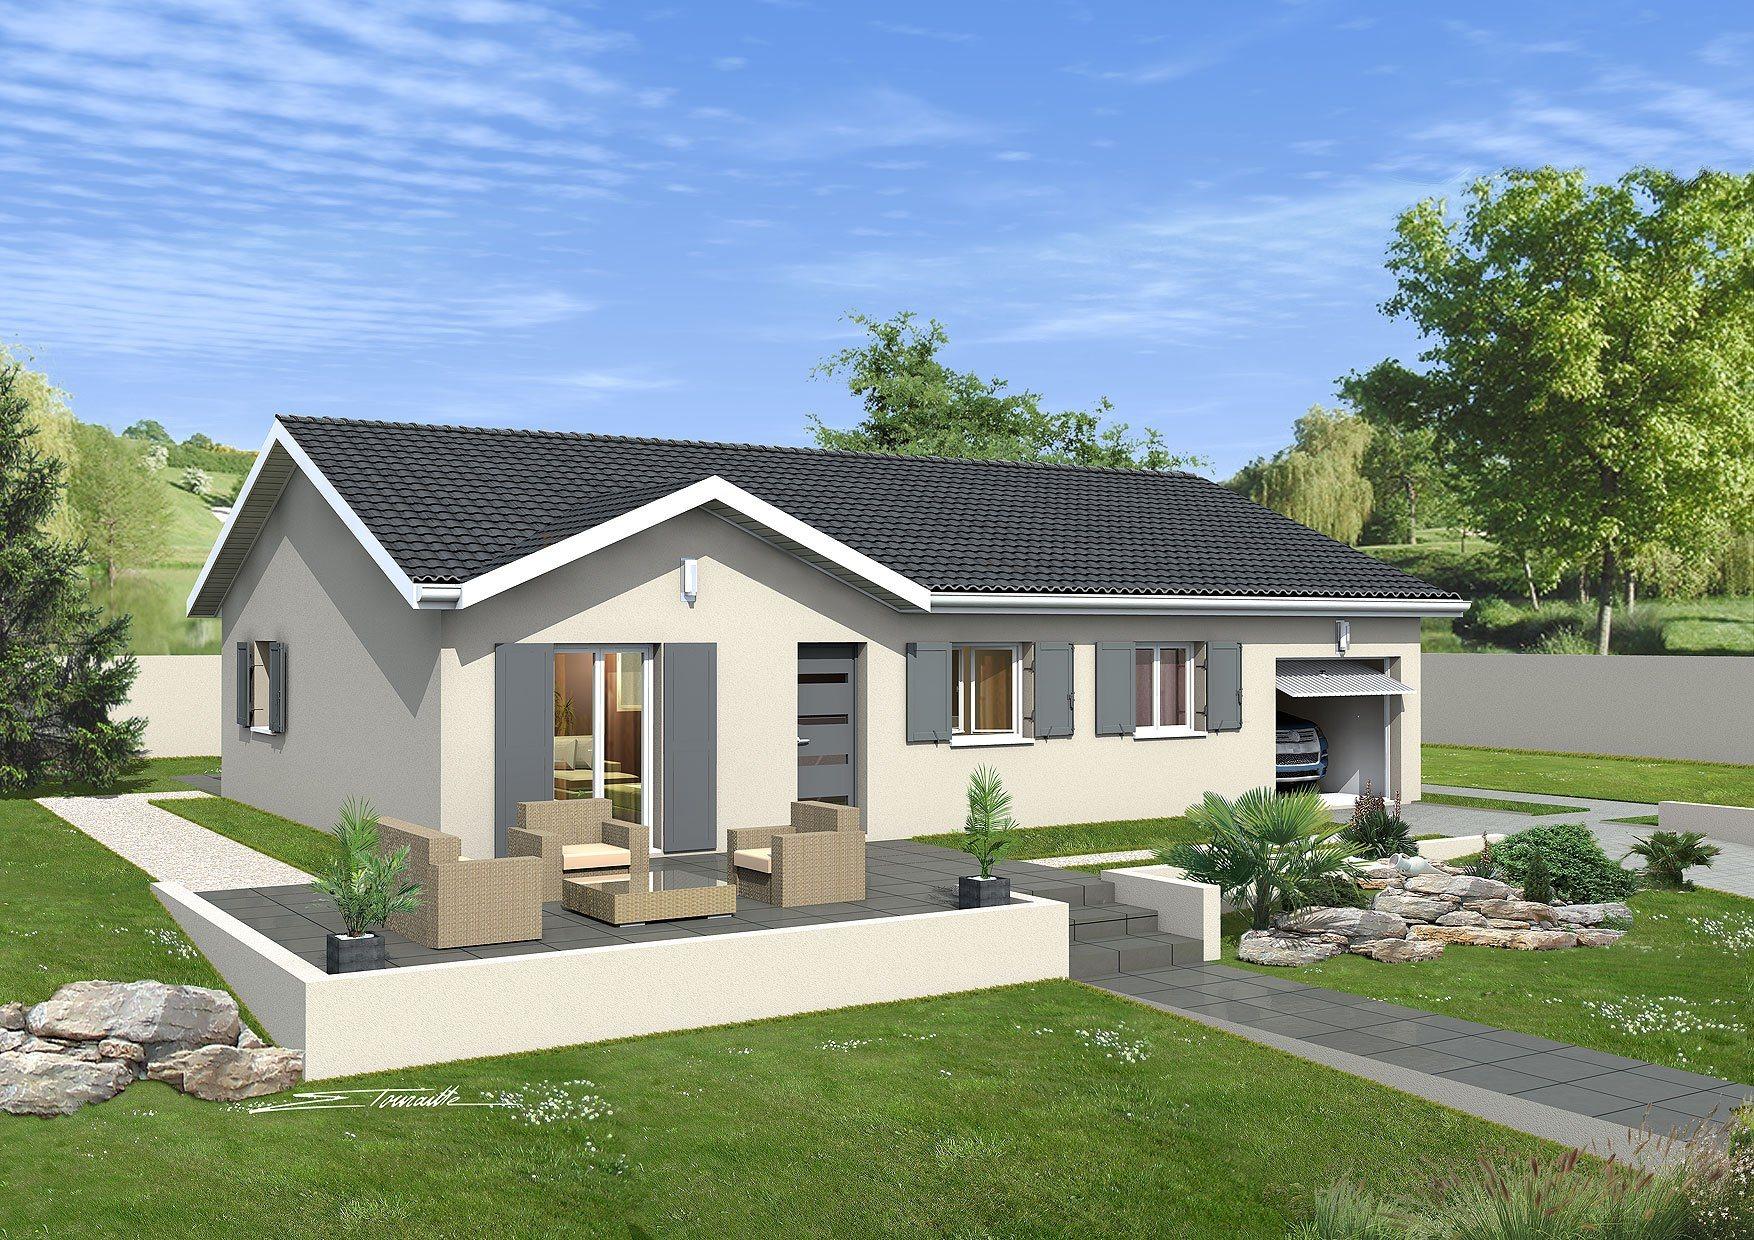 Maisons + Terrains du constructeur MAISONS PUNCH • 100 m² • LES OLMES